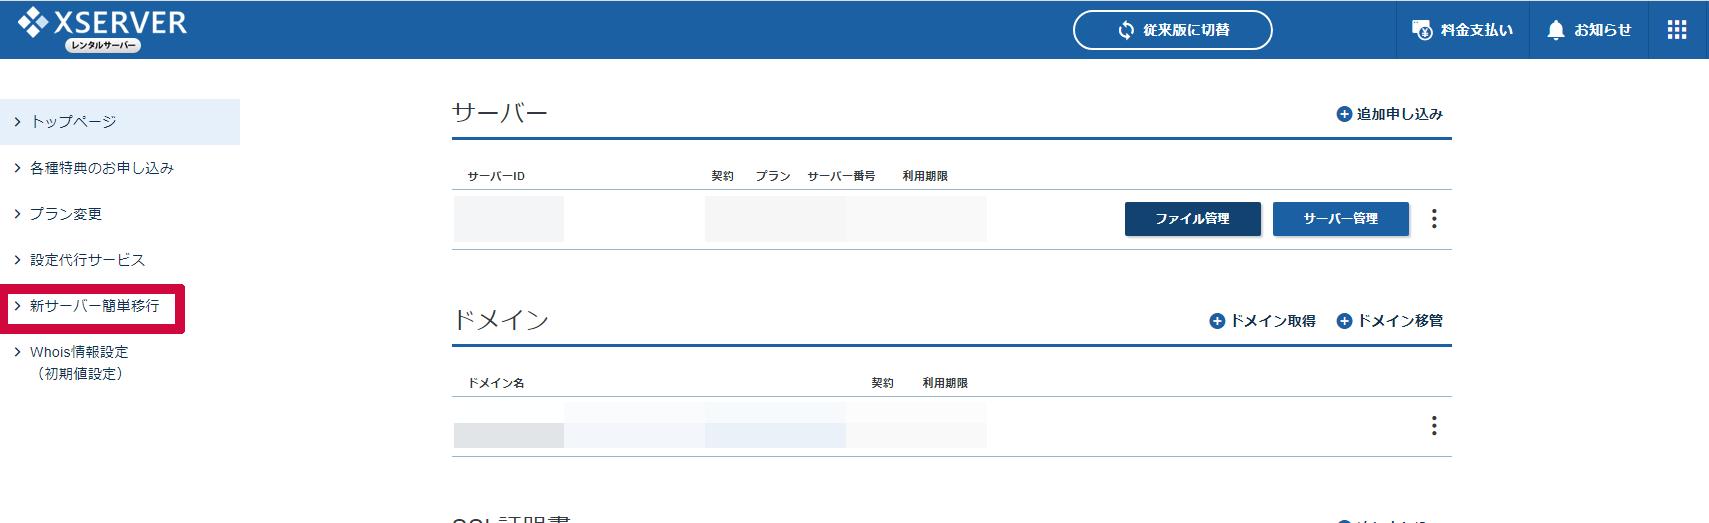 エックスサーバーの管理画面へログインをし、エックスサーバー契約管理ページ内にある「新サーバー簡単移行」を選択します。